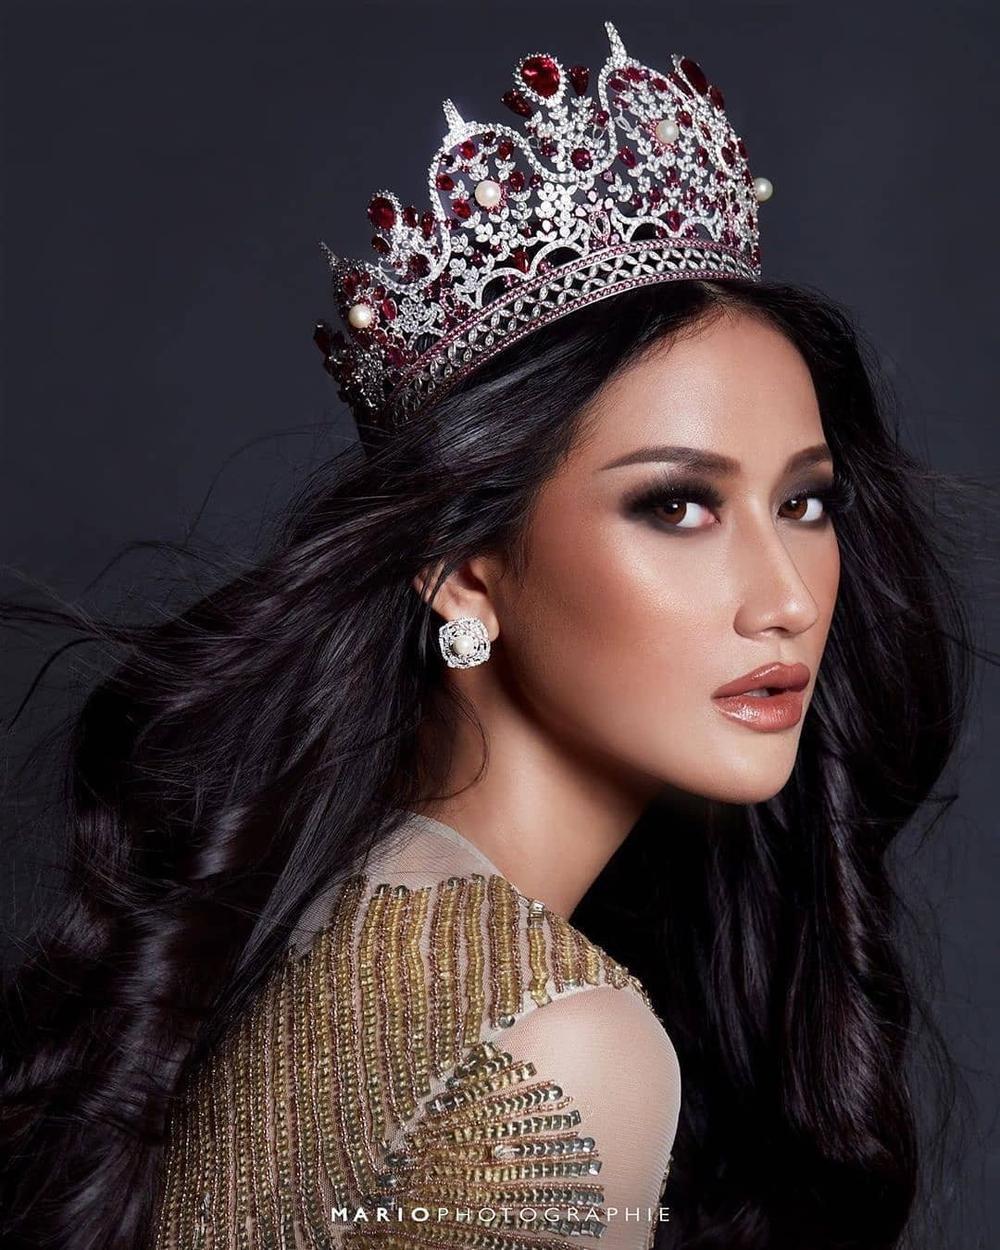 6 lí do khiến được fan trông chờ nhất tại Miss Universe 2020: Khánh Vân có đủ 'yêu thương' để intop Ảnh 2